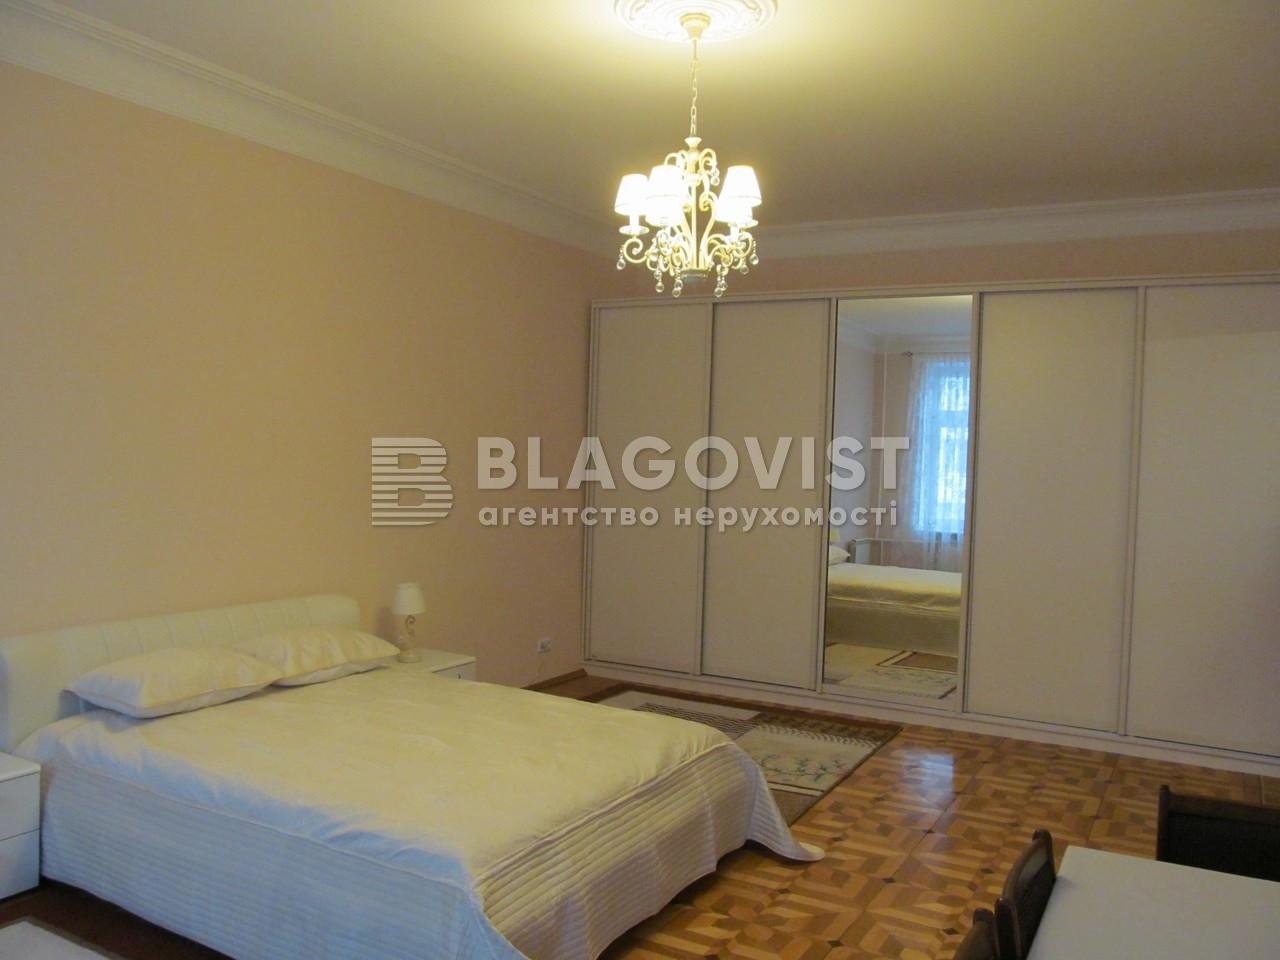 Квартира C-93817, Володимирська, 48, Київ - Фото 5